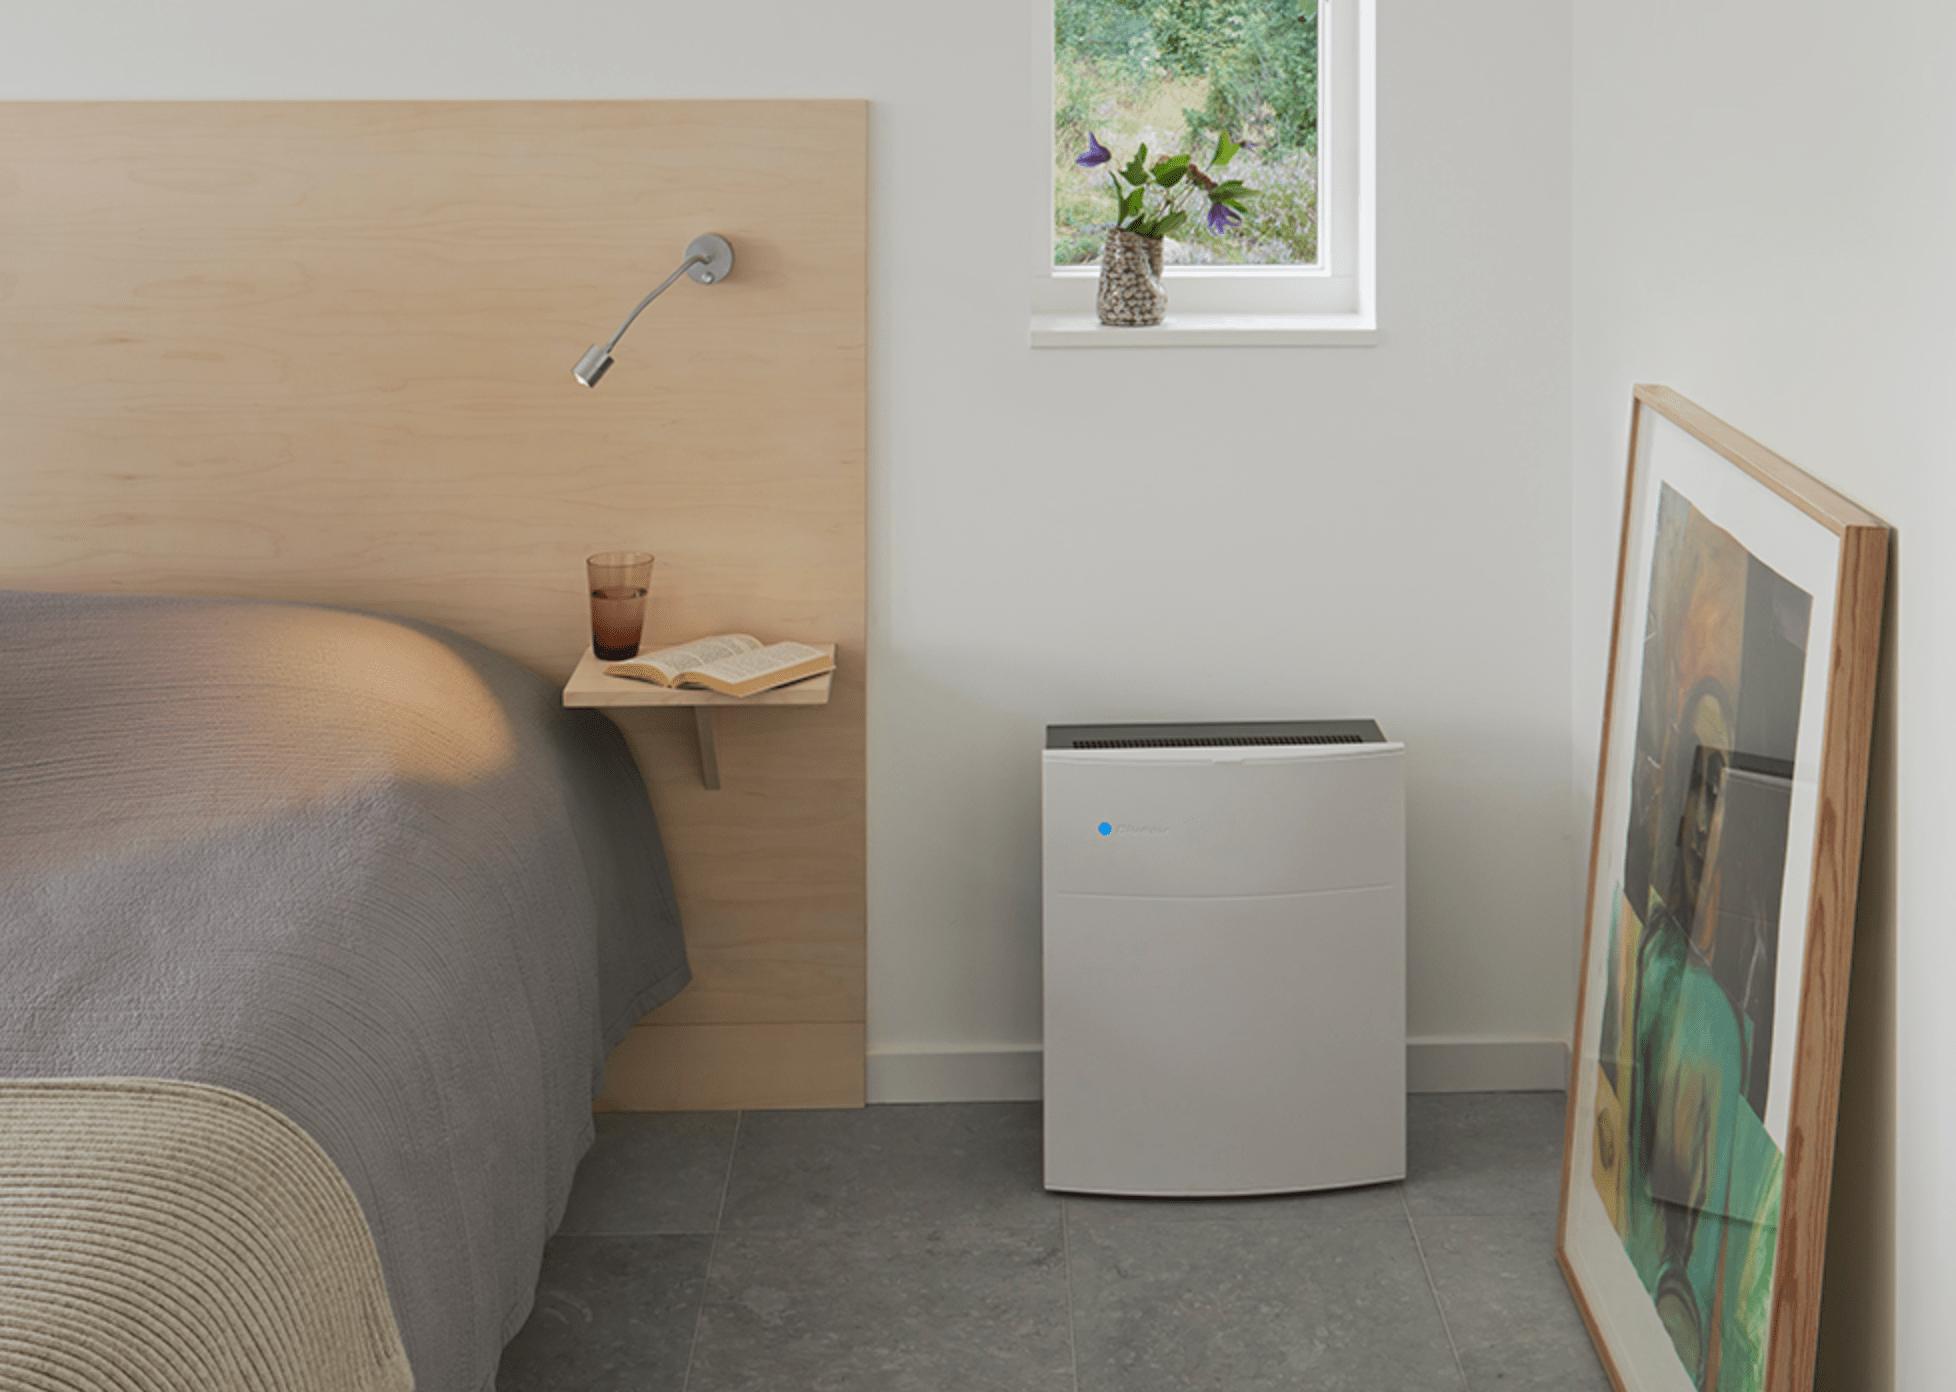 Jaki oczyszczacz powietrza do mieszkania lub domu? Blueair Classic 280i (PA)